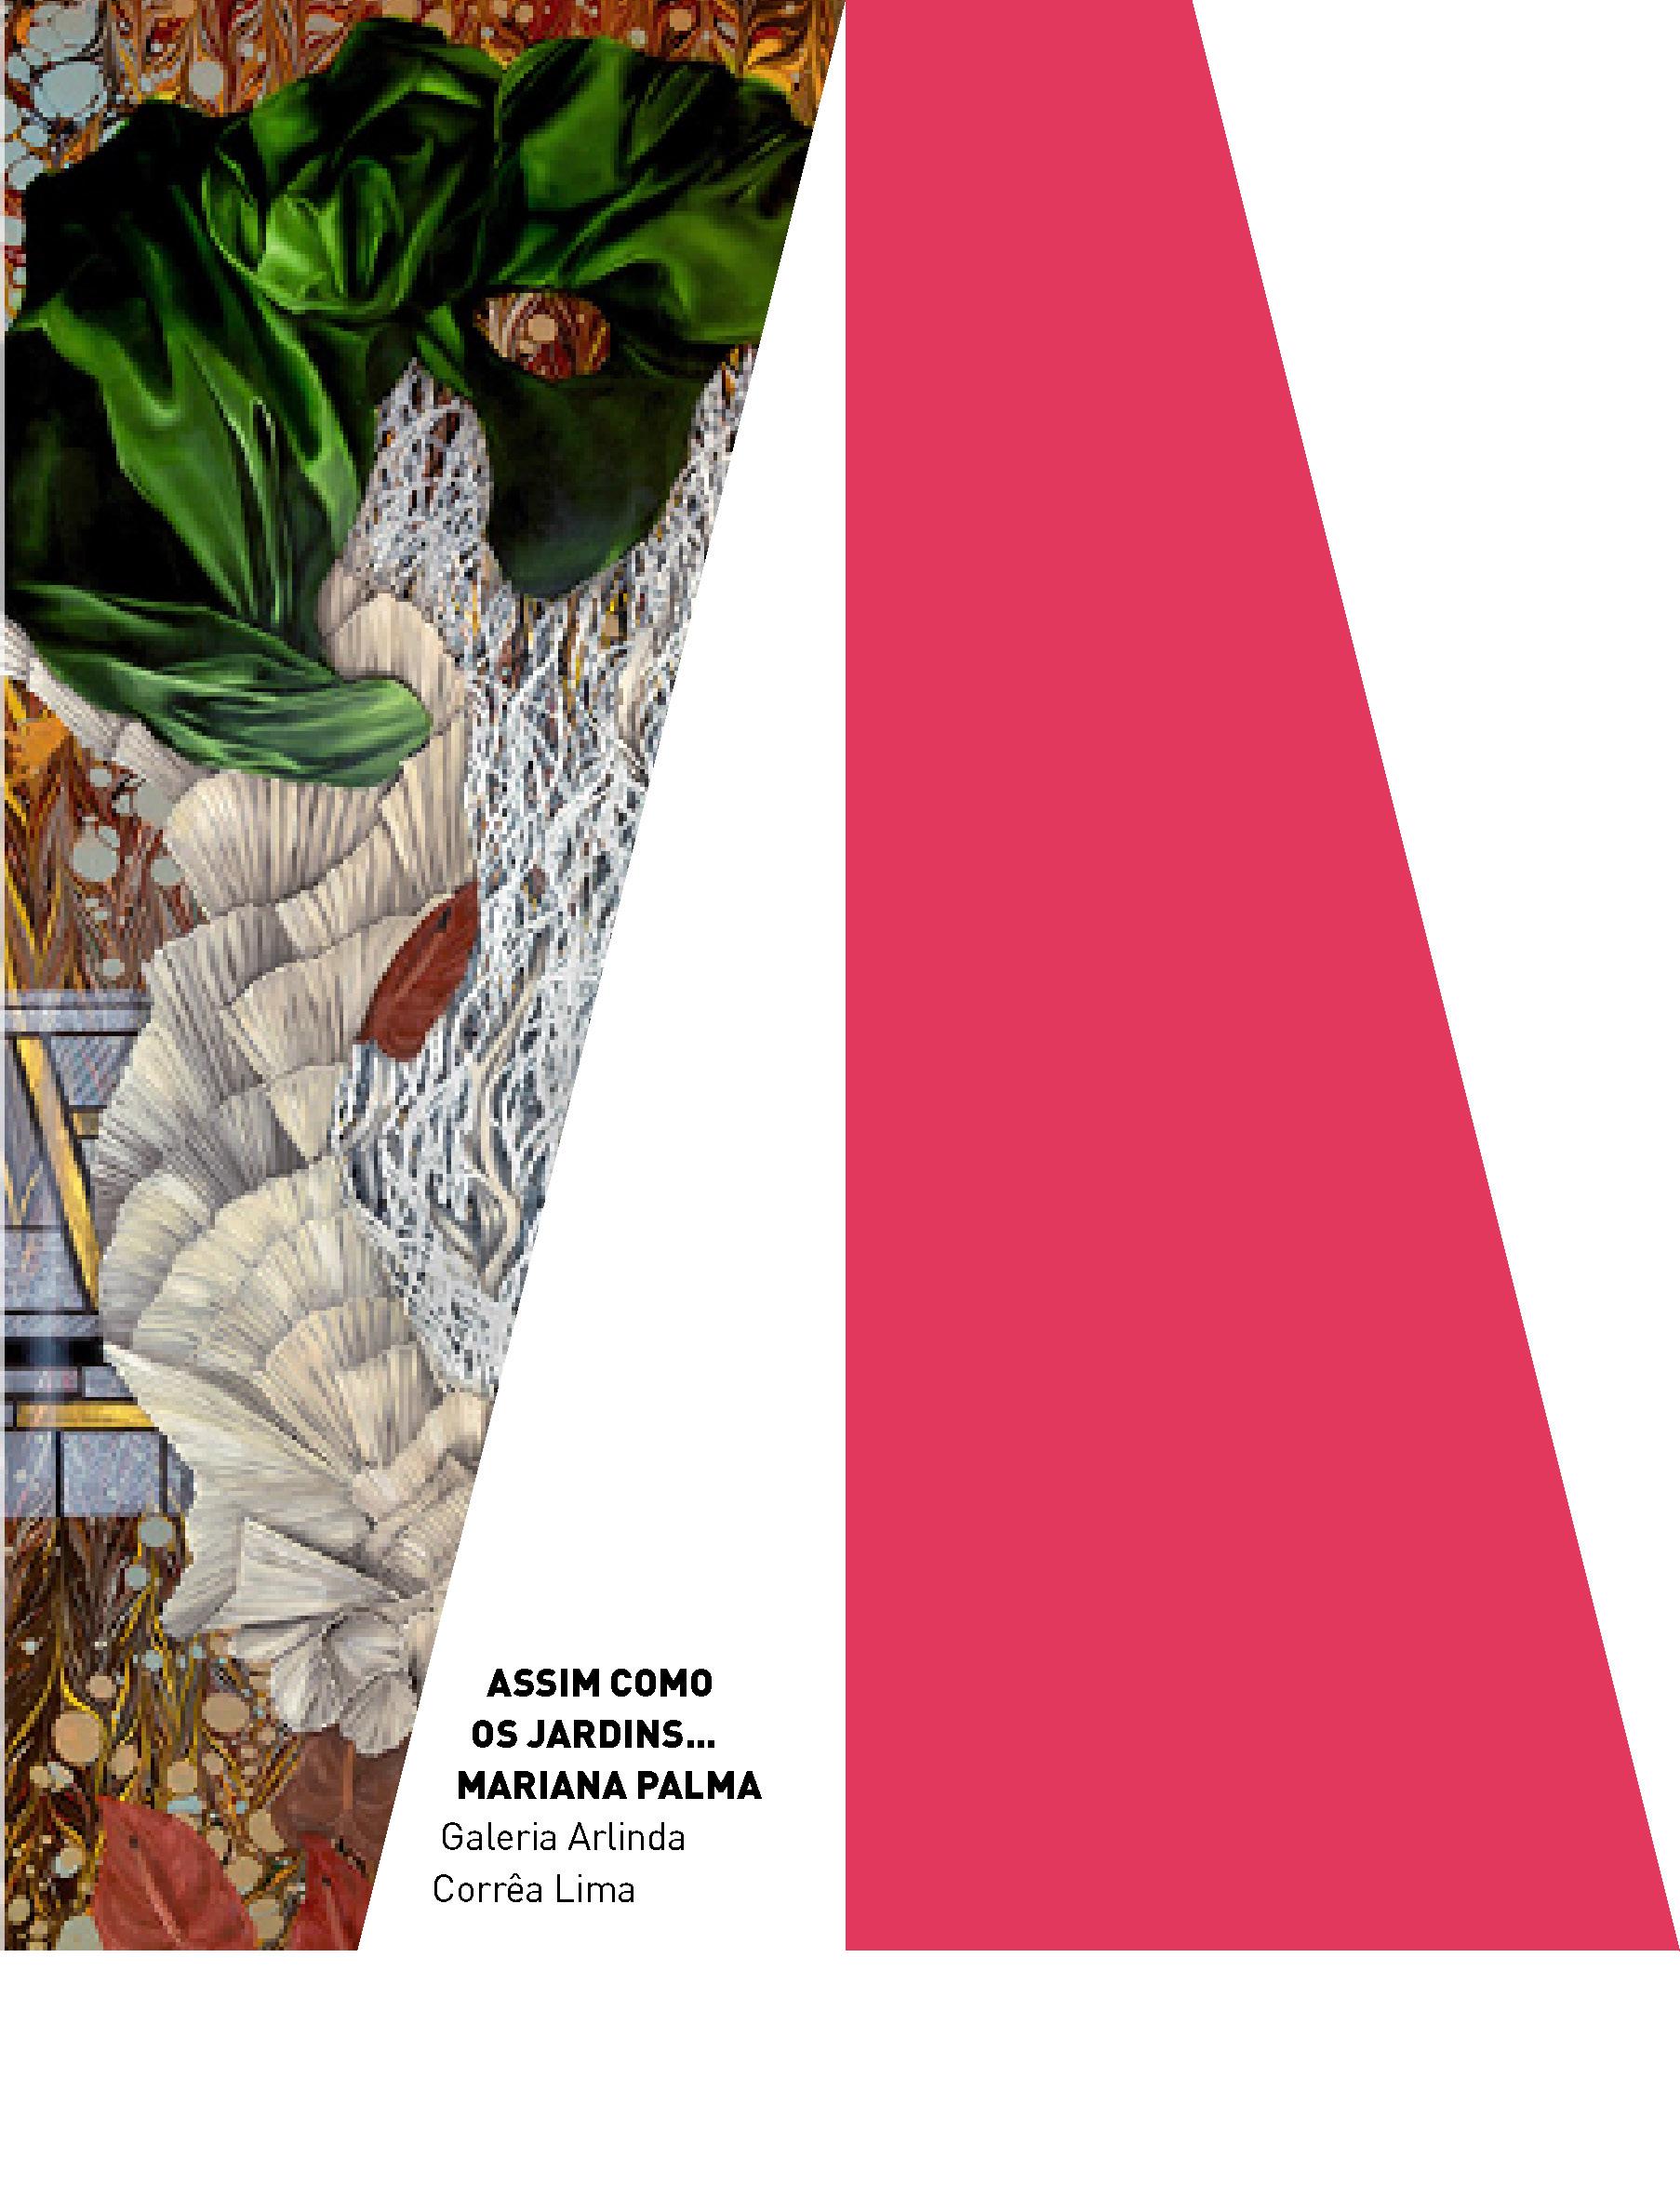 Evento: Assim como os jardins... | Exposição de Mariana Palma